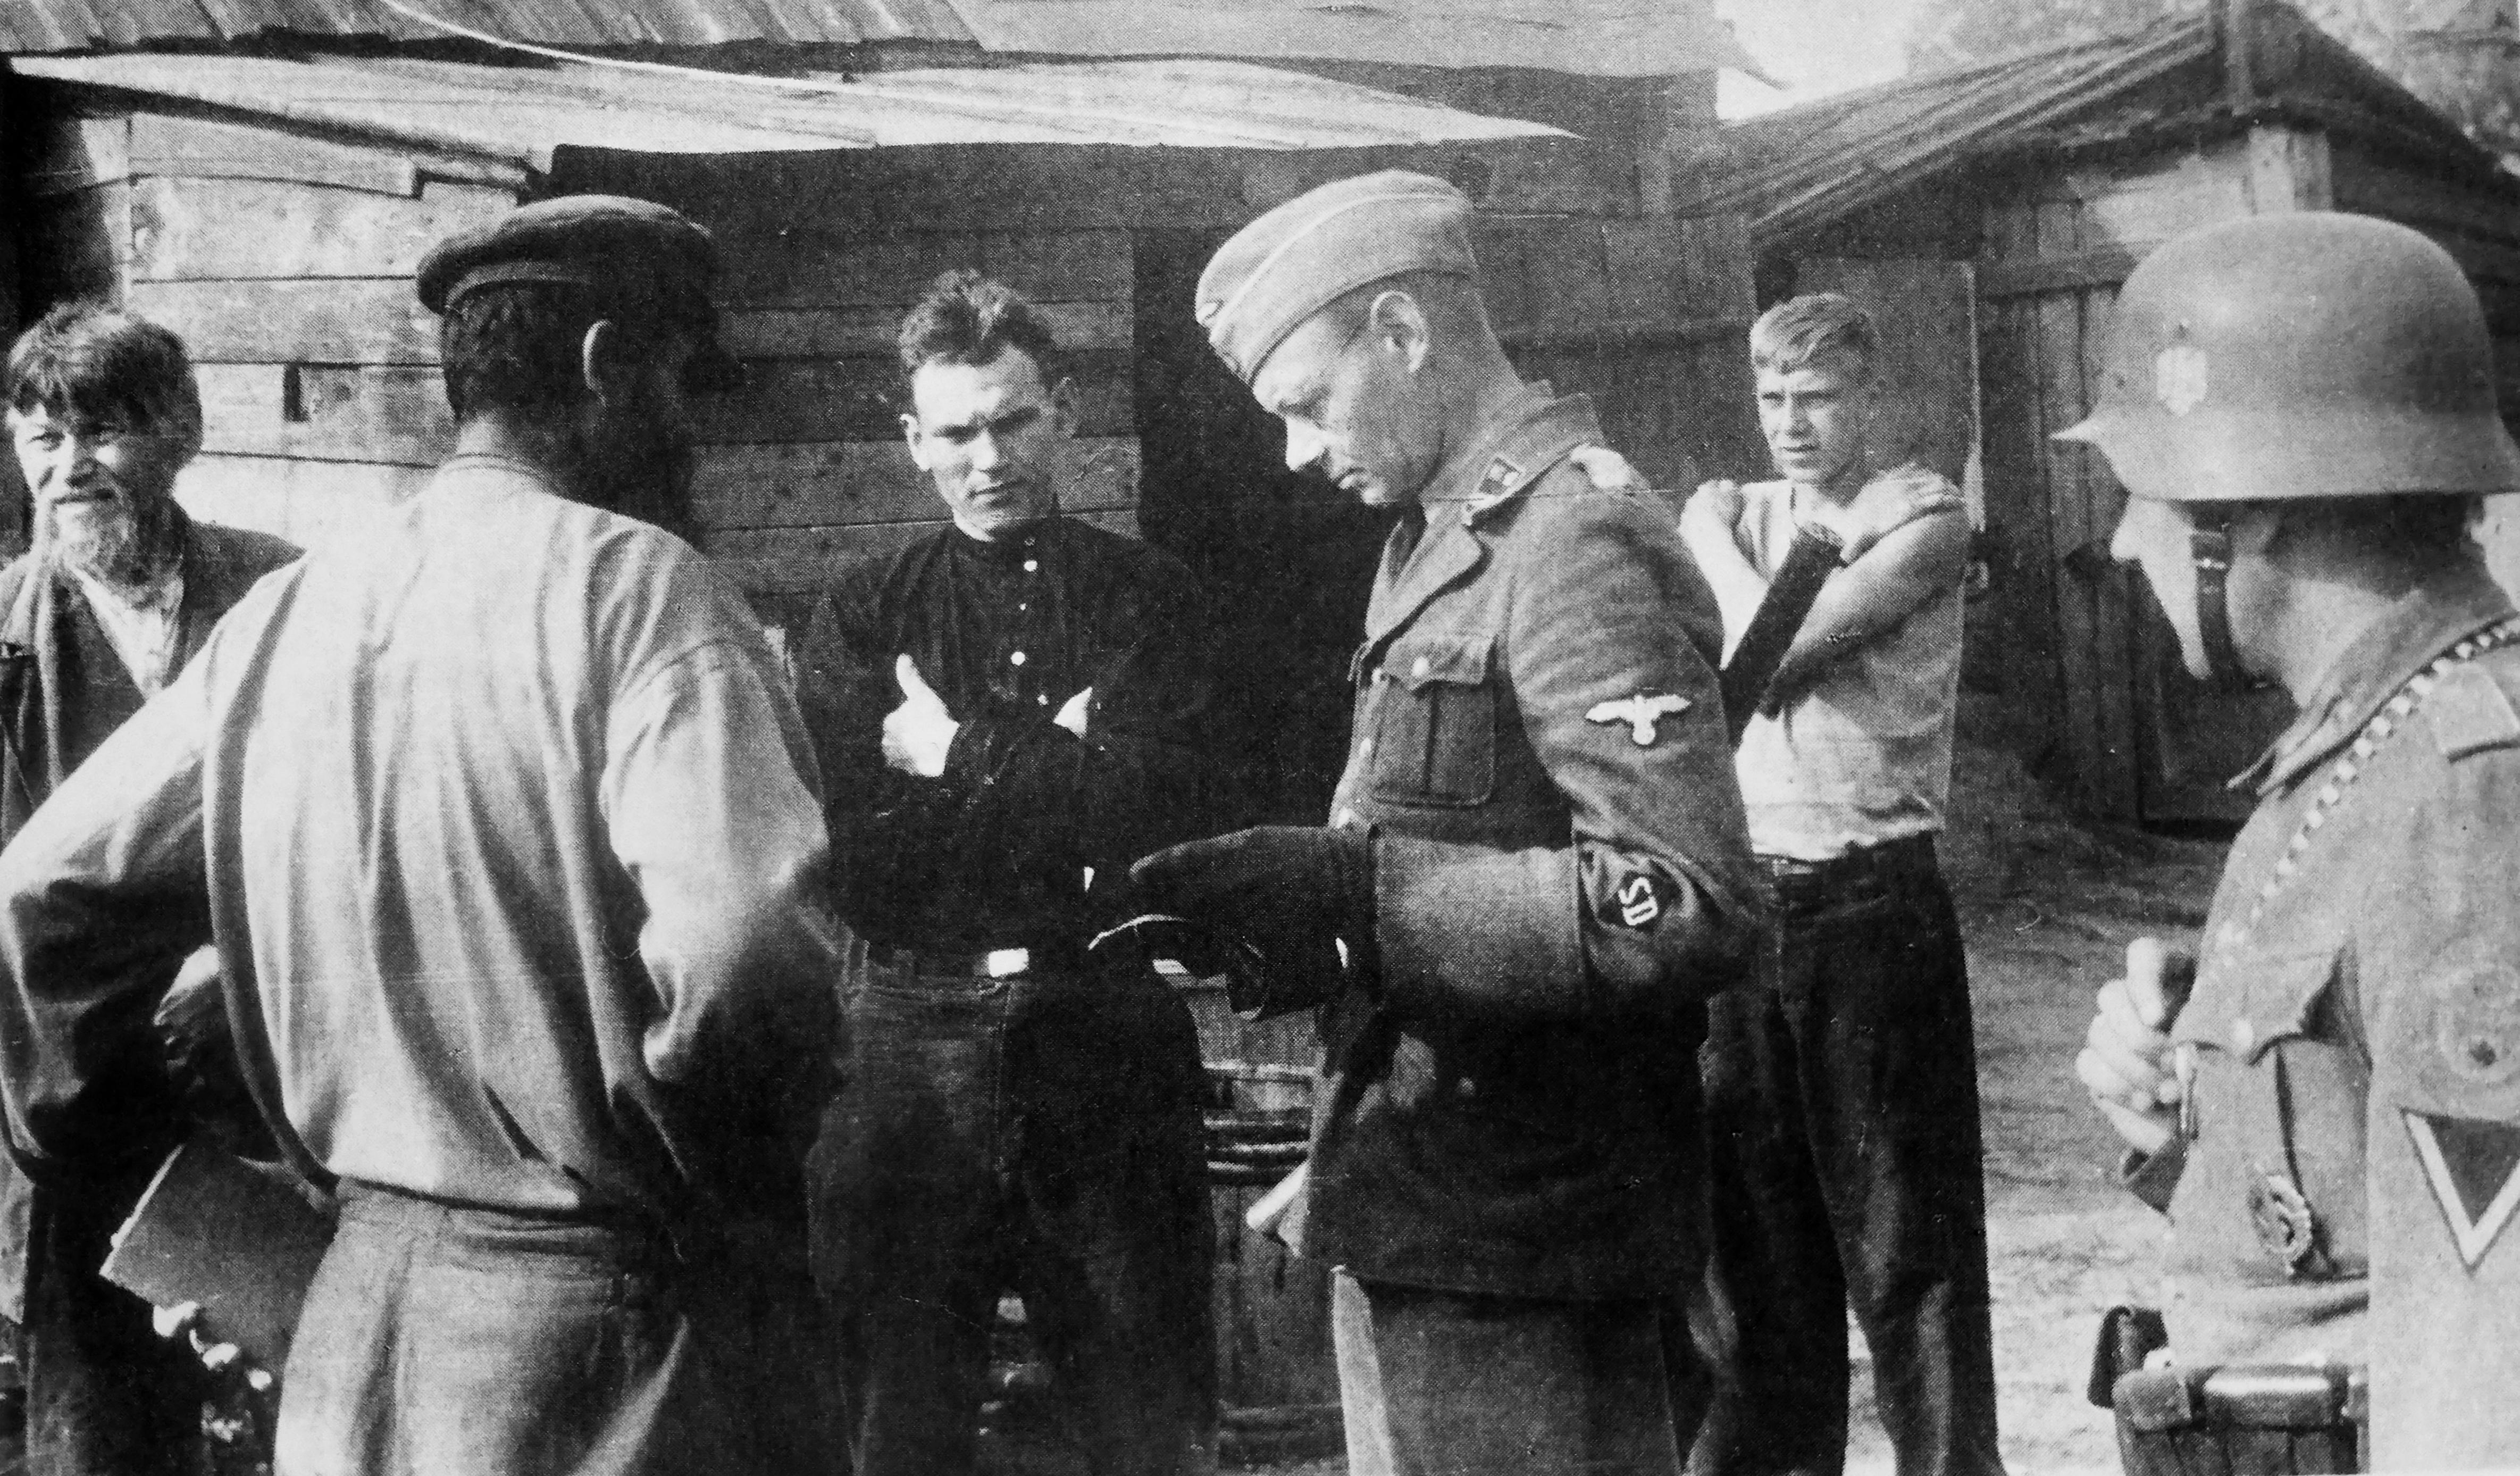 Офицер СД и жители оккупированного советского населенного пункта